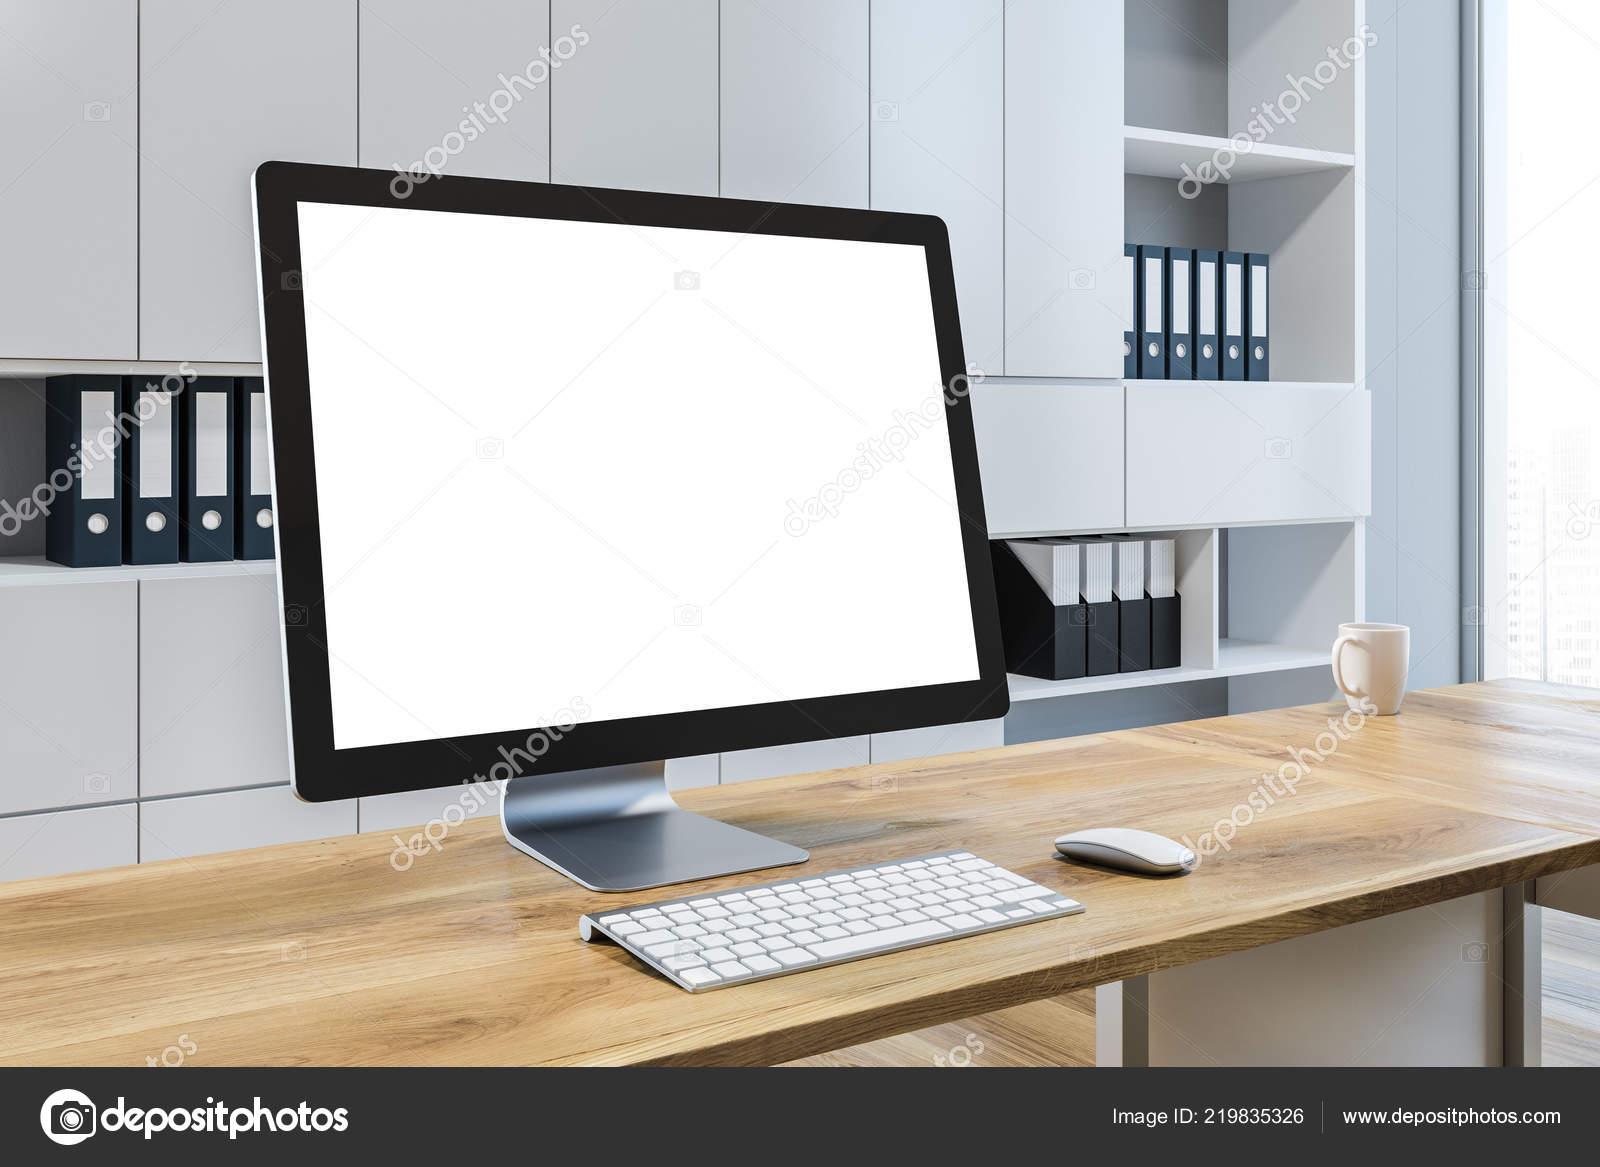 Maquette debout Écran ordinateur bureau avec des murs gris clair